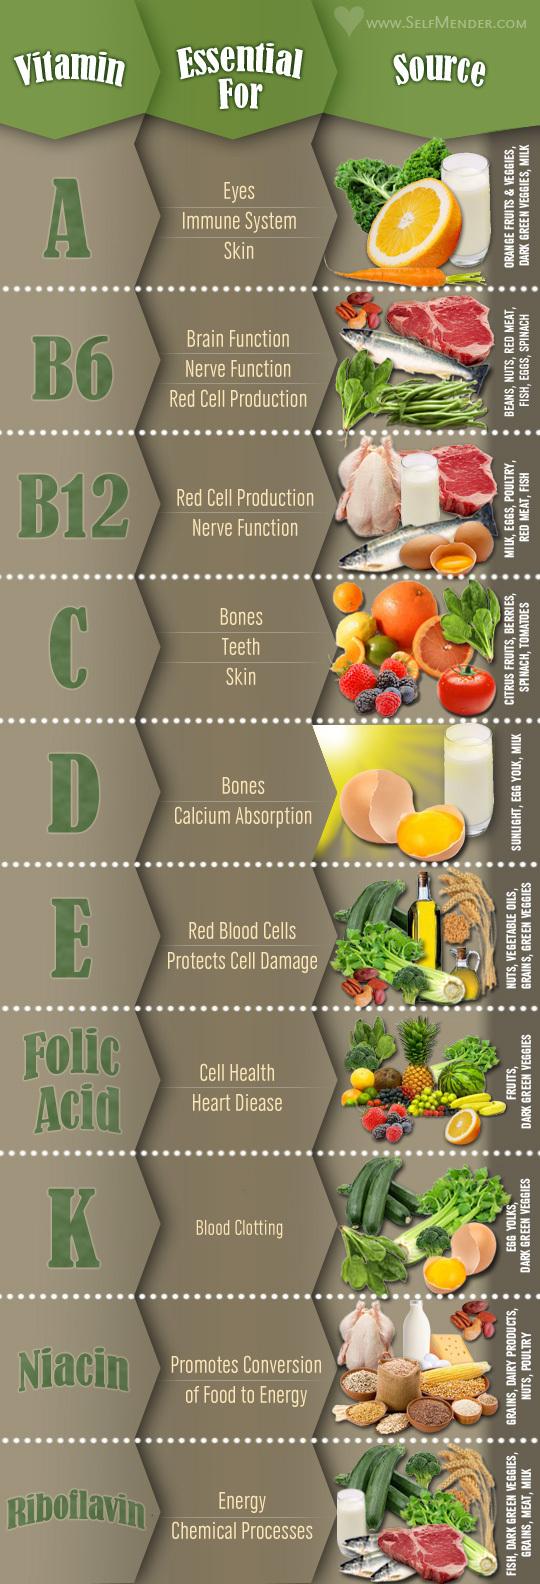 ビタミン 食材 インフォグラフィックス 分類